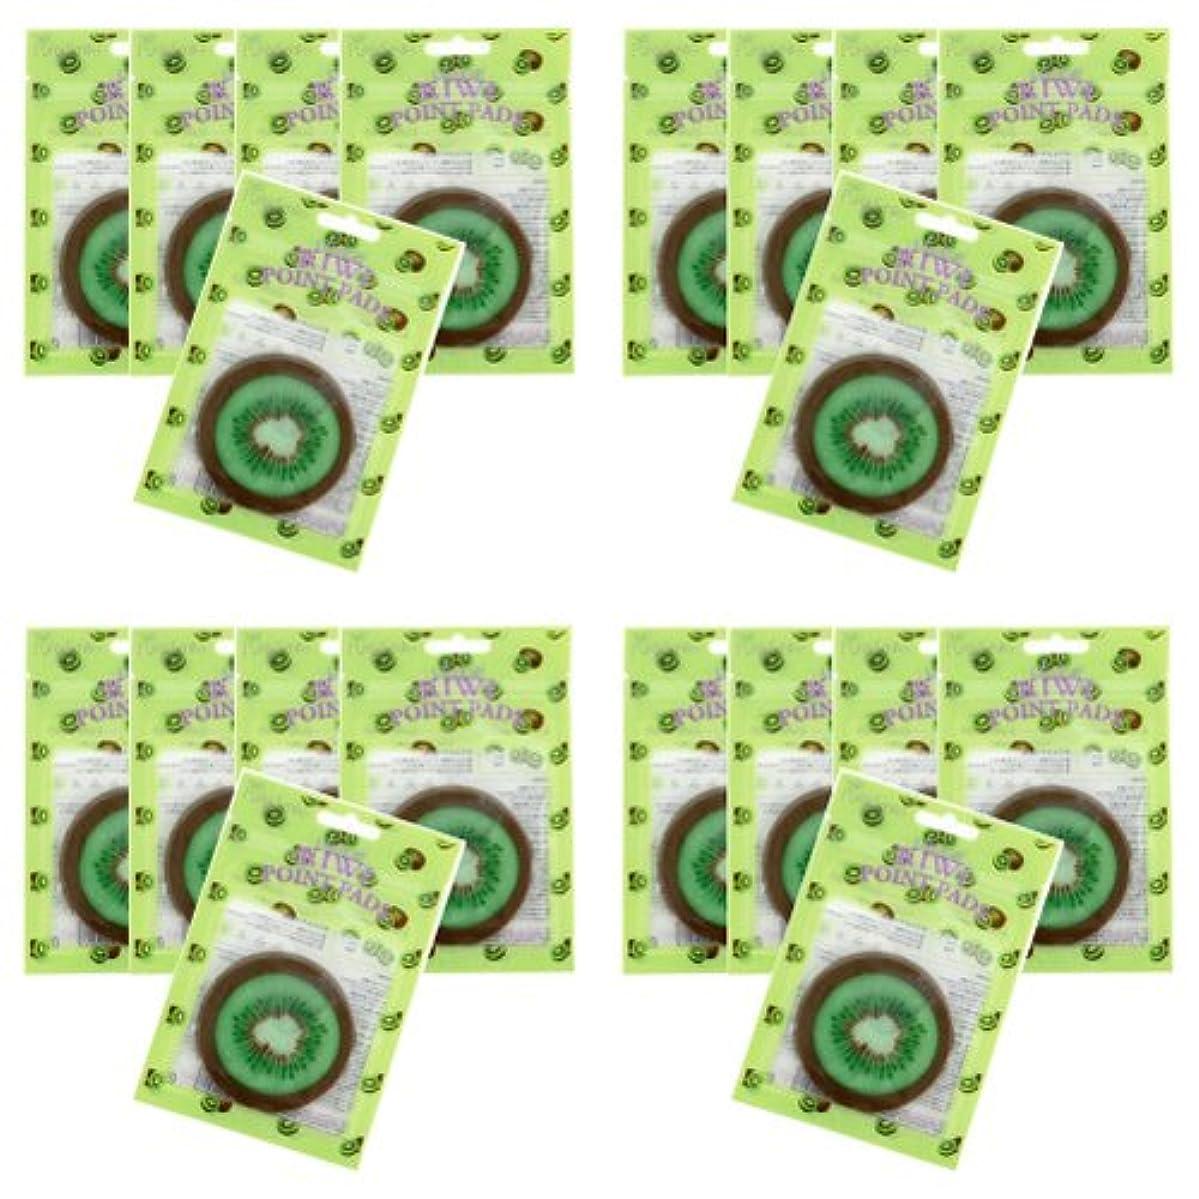 簿記係愛旧正月ピュアスマイル ジューシーポイントパッド キウィ20パックセット(1パック10枚入 合計200枚)